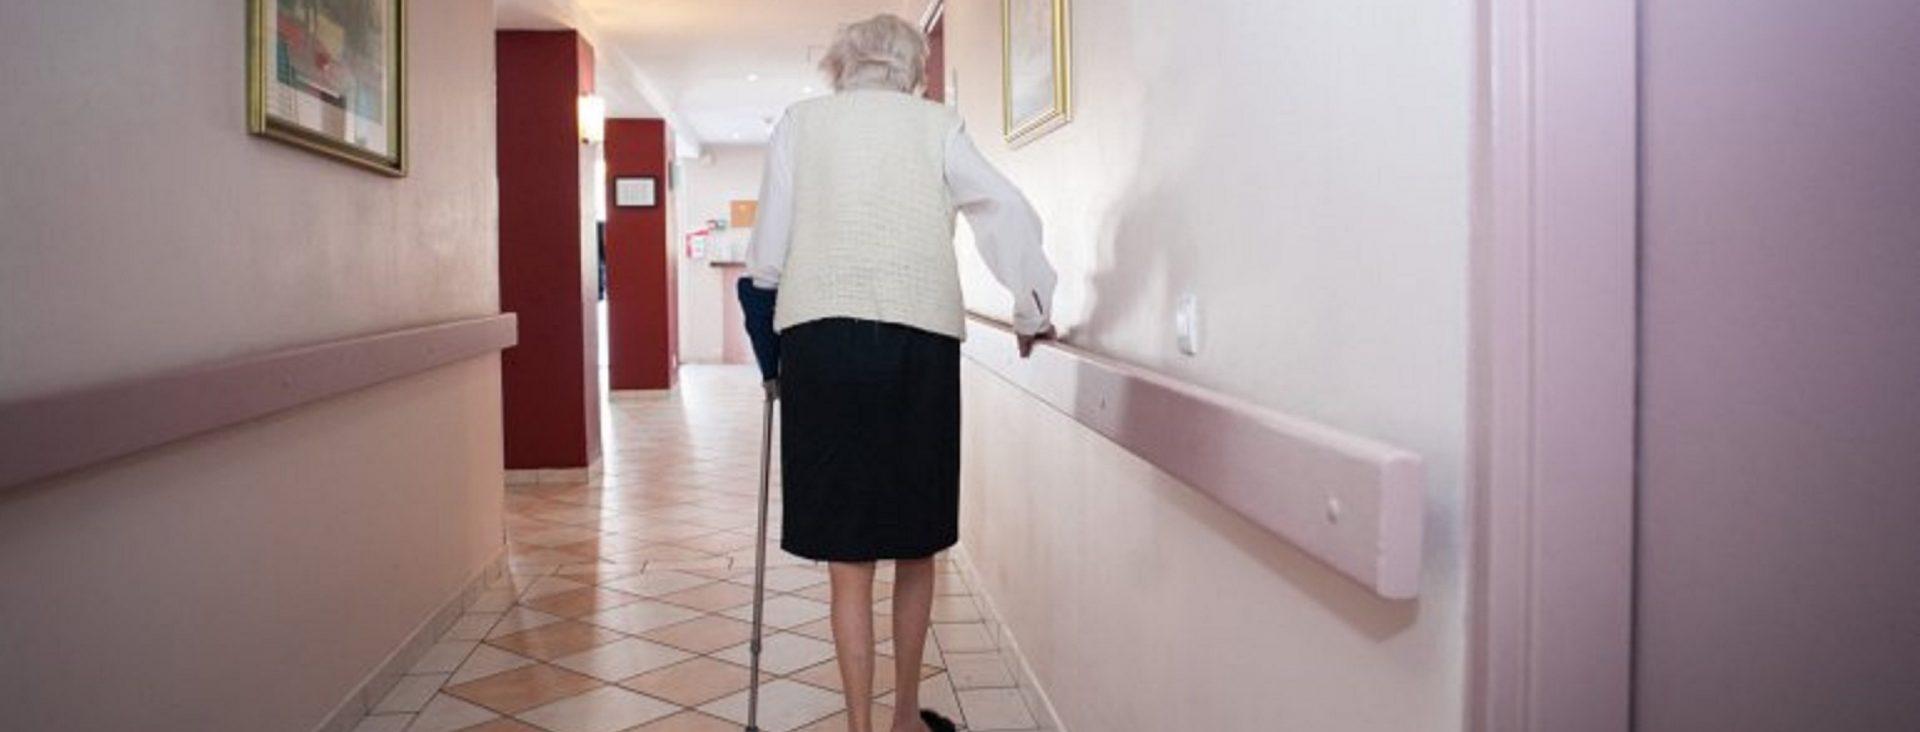 <p>Associação pede mais fisioterapeutas nos serviços de saúde</p>